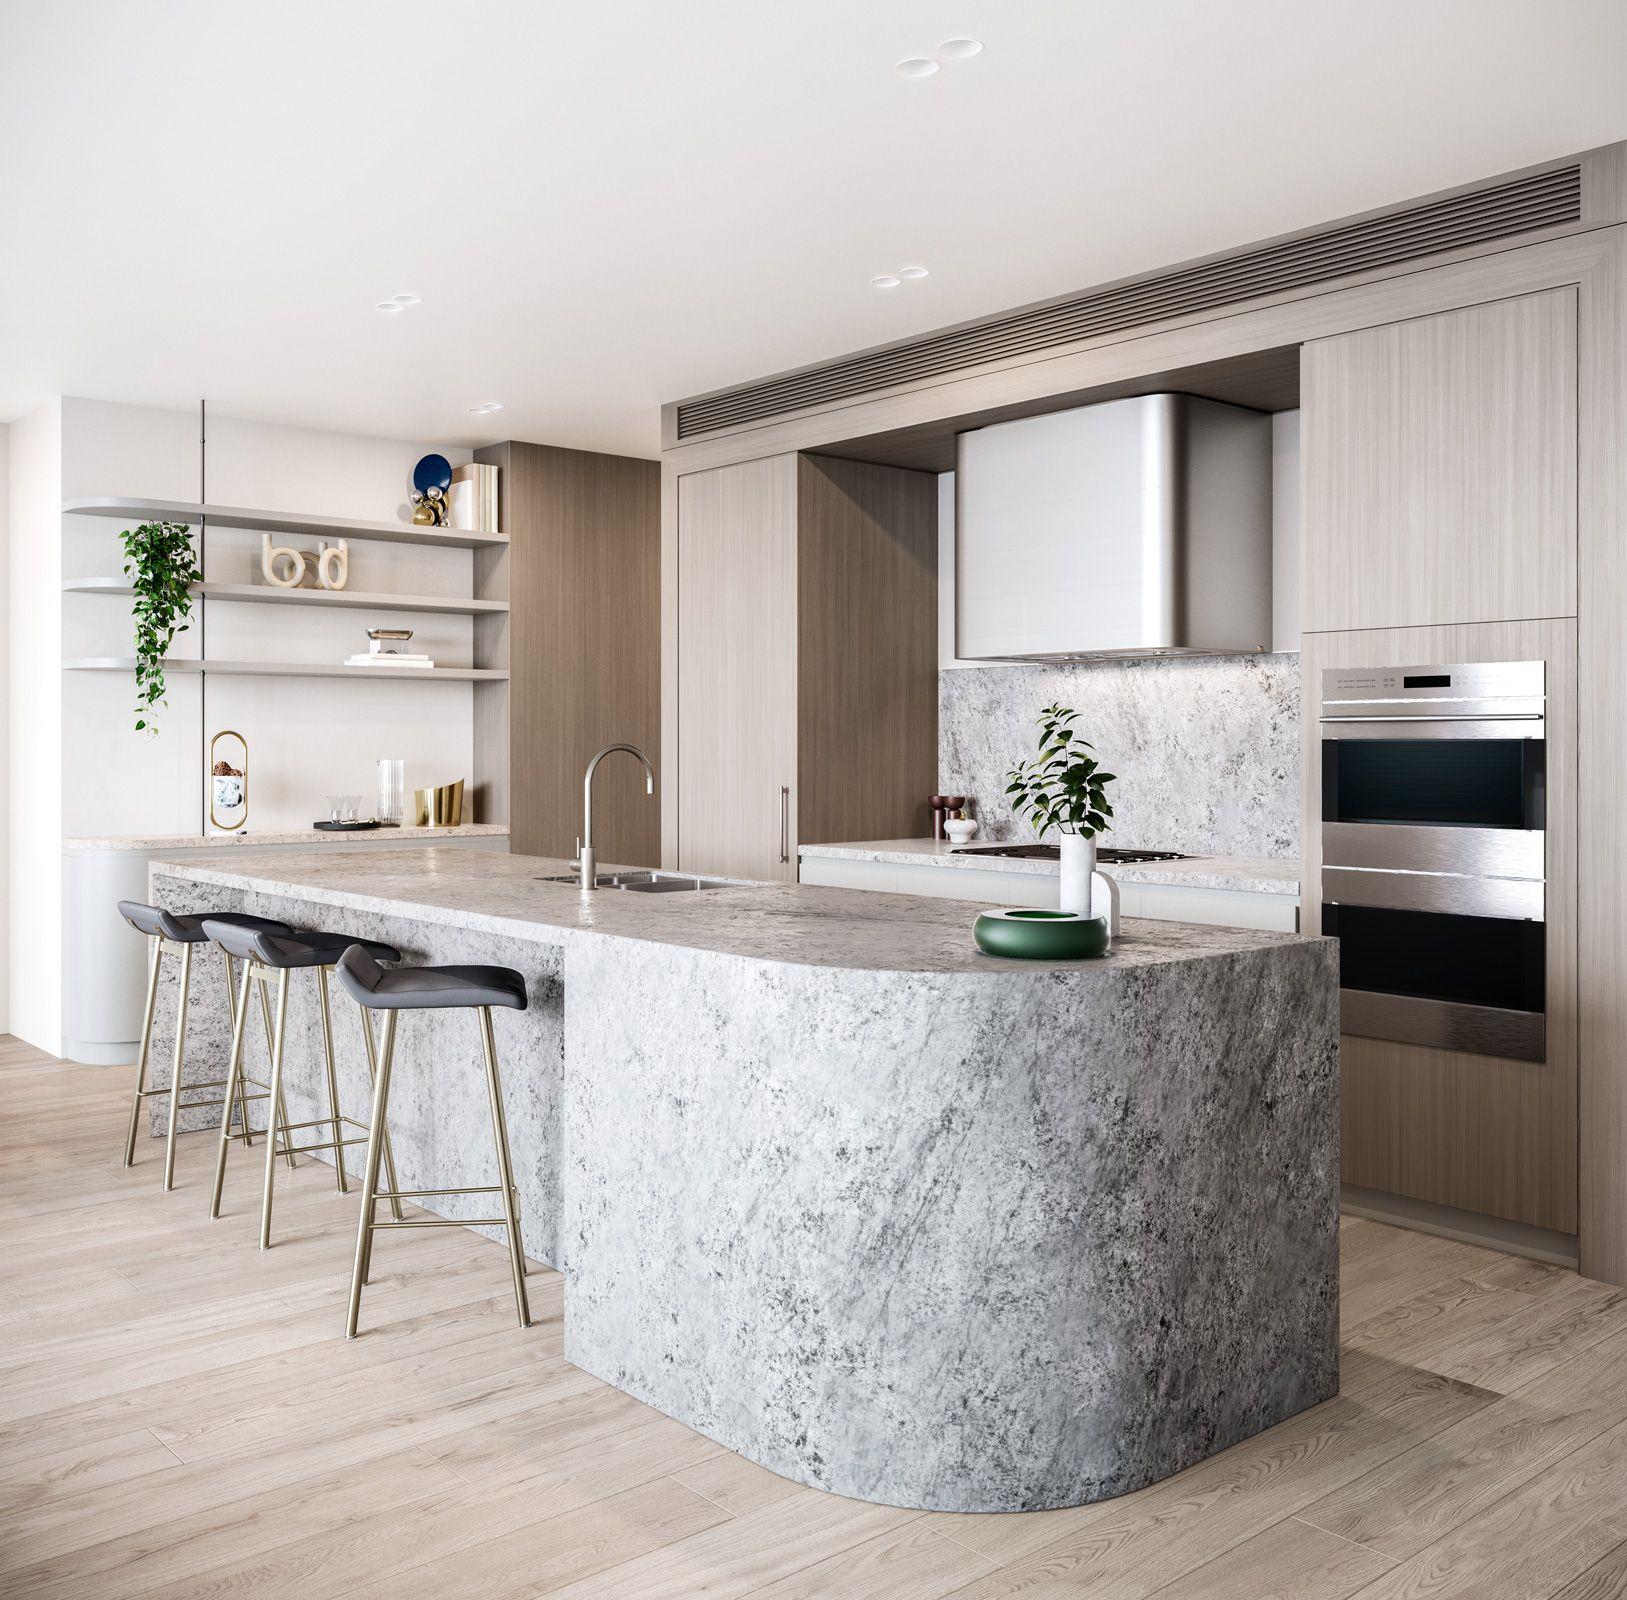 Kitchen Store Design: Contemporary Kitchen Design